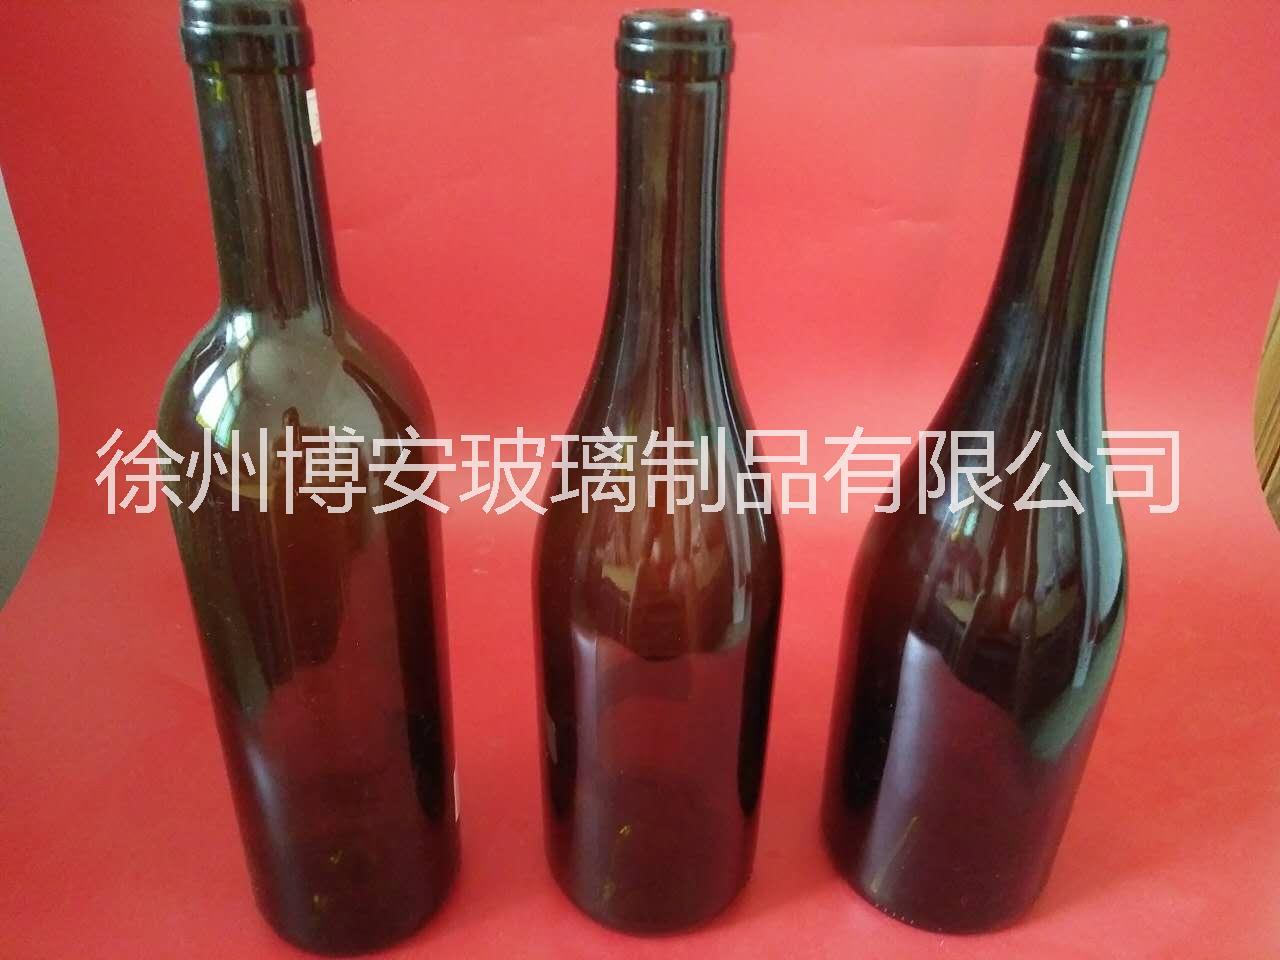 厂家直销红酒瓶木塞瓶香槟酒瓶 厂家直销红酒瓶香槟酒瓶玻璃酒瓶精白料